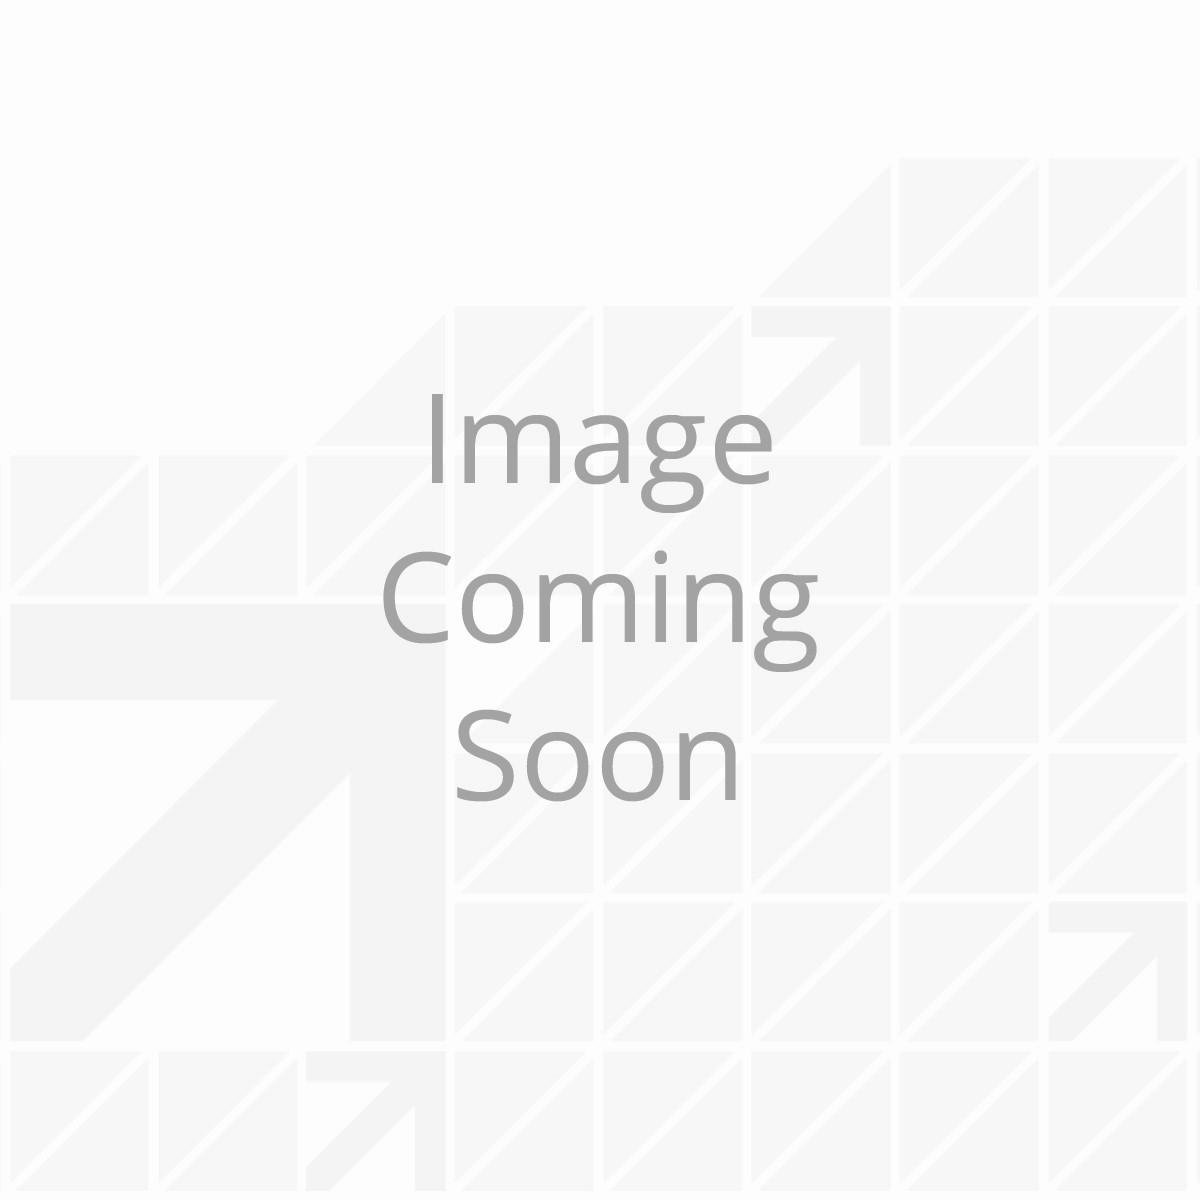 axle_2139521